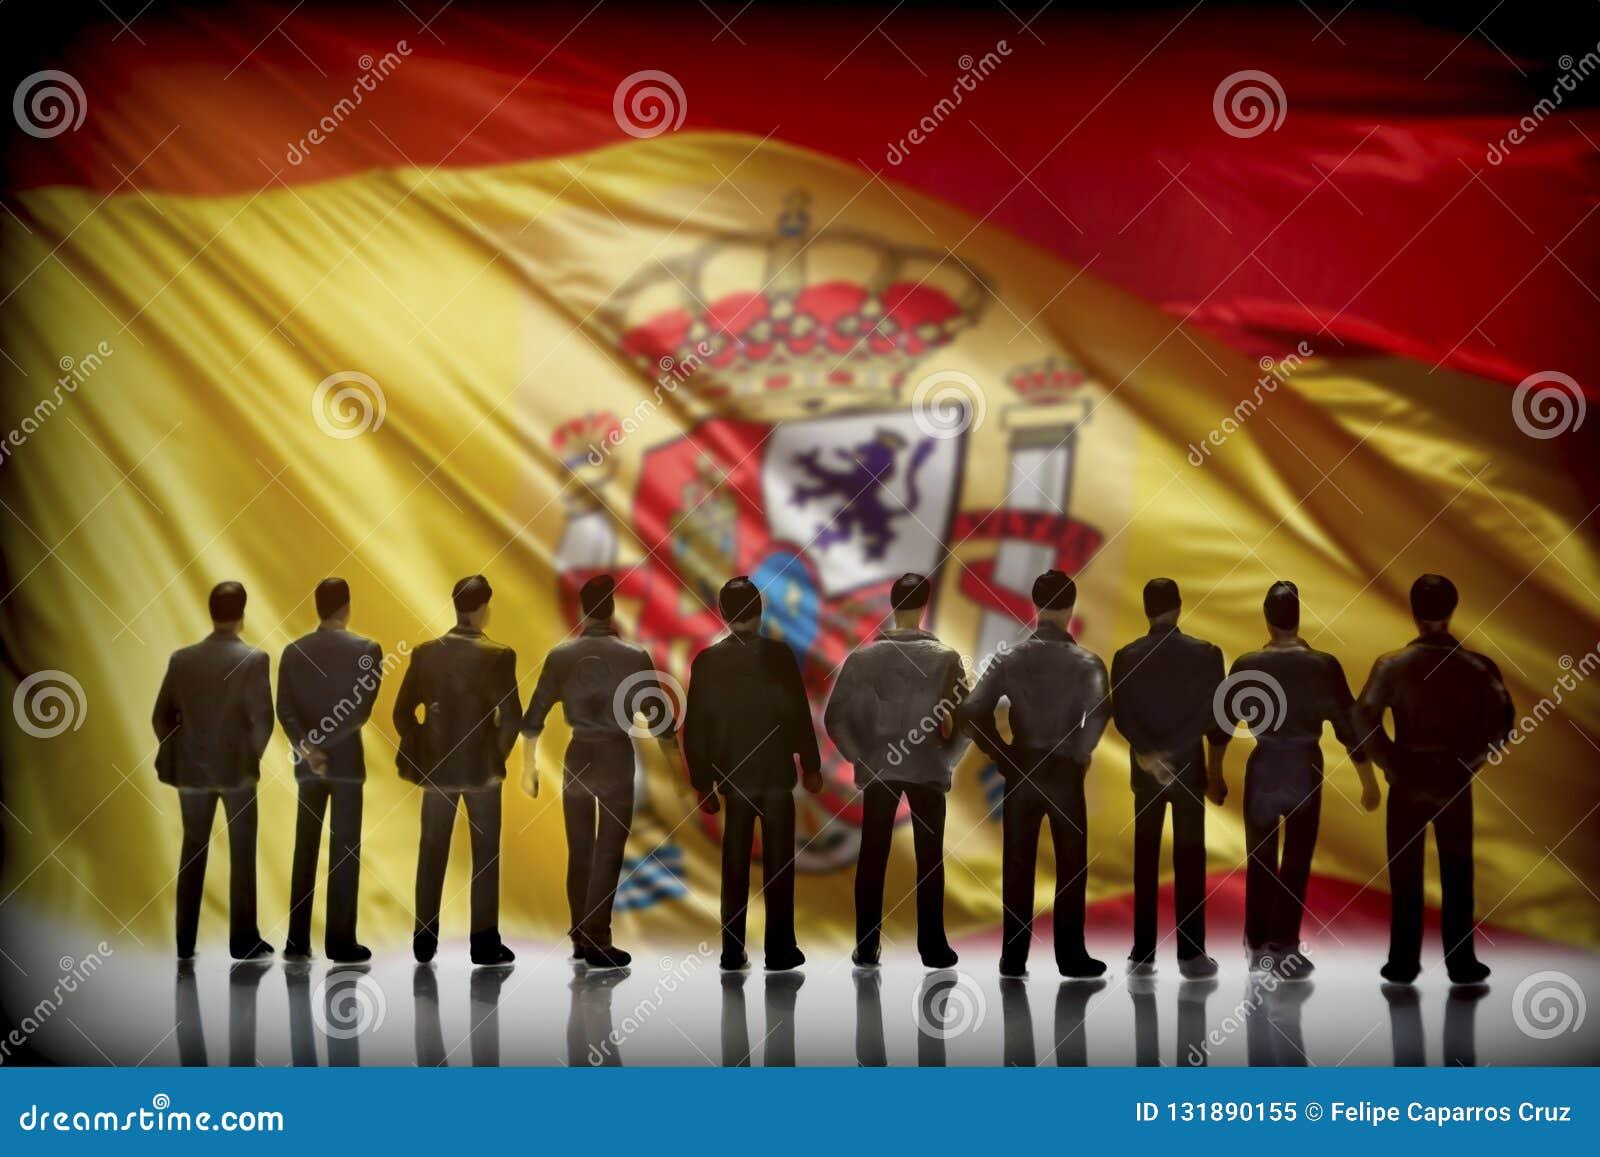 Silueta de varios hombres delante de la bandera española, conceptu